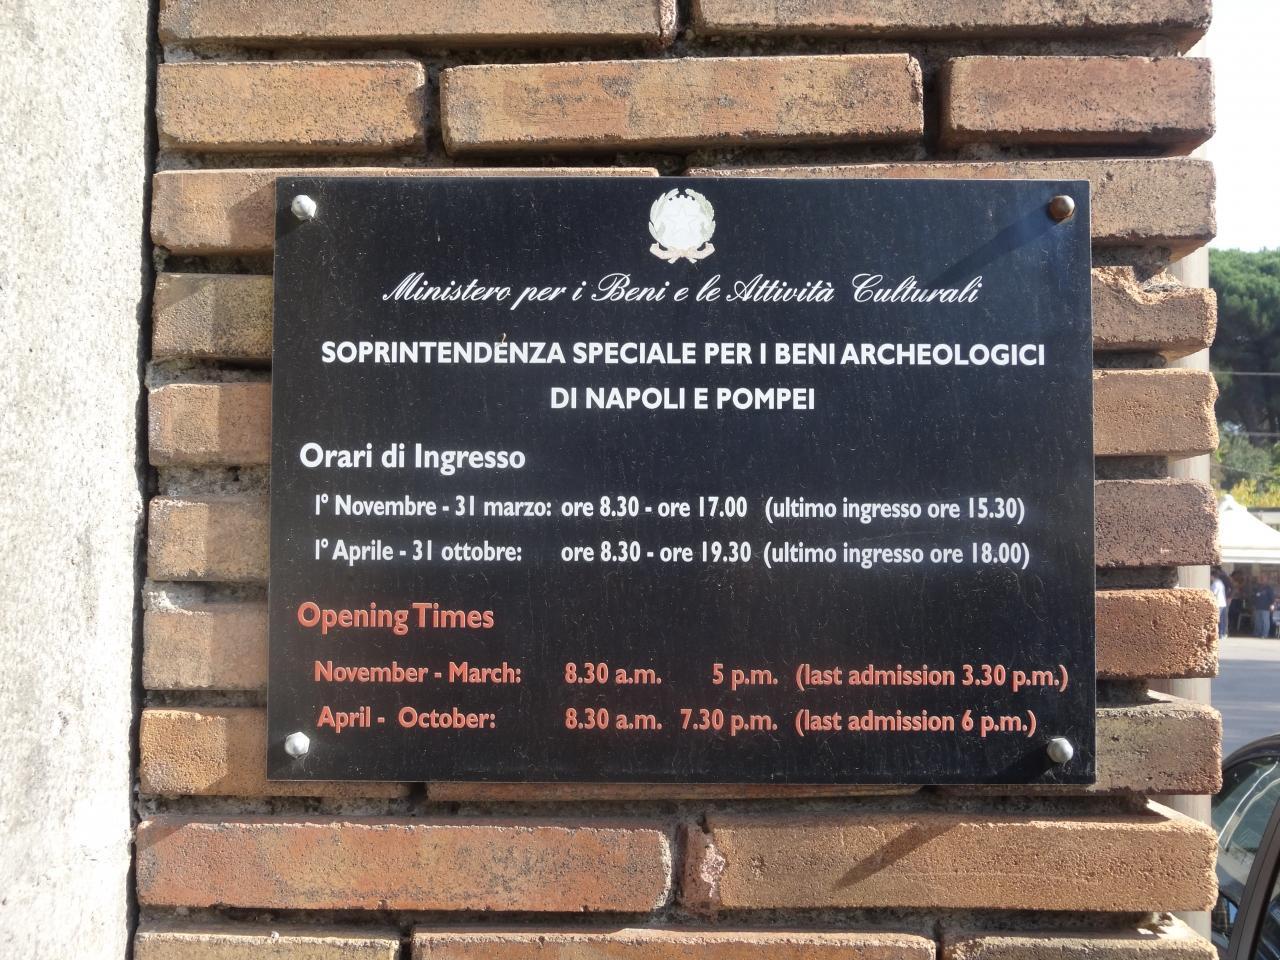 ポンペイ、ヘルクラネウム及びトッレ・アンヌンツィアータの遺跡地域の画像 p1_30